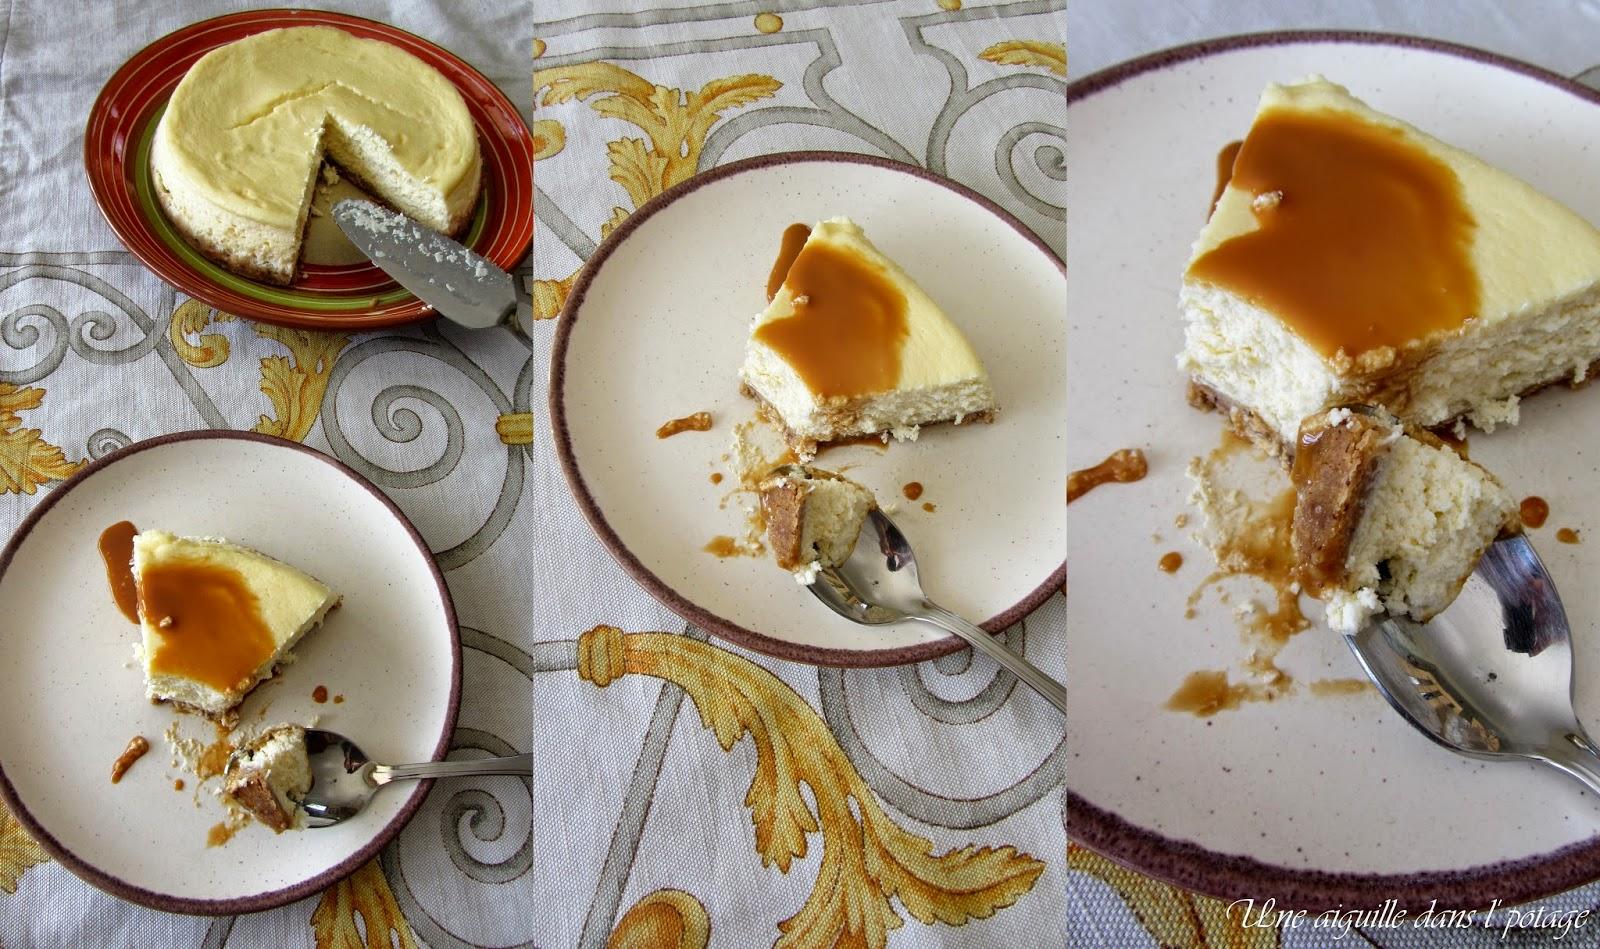 une aiguille dans l' potage: Cheesecake en version allégée